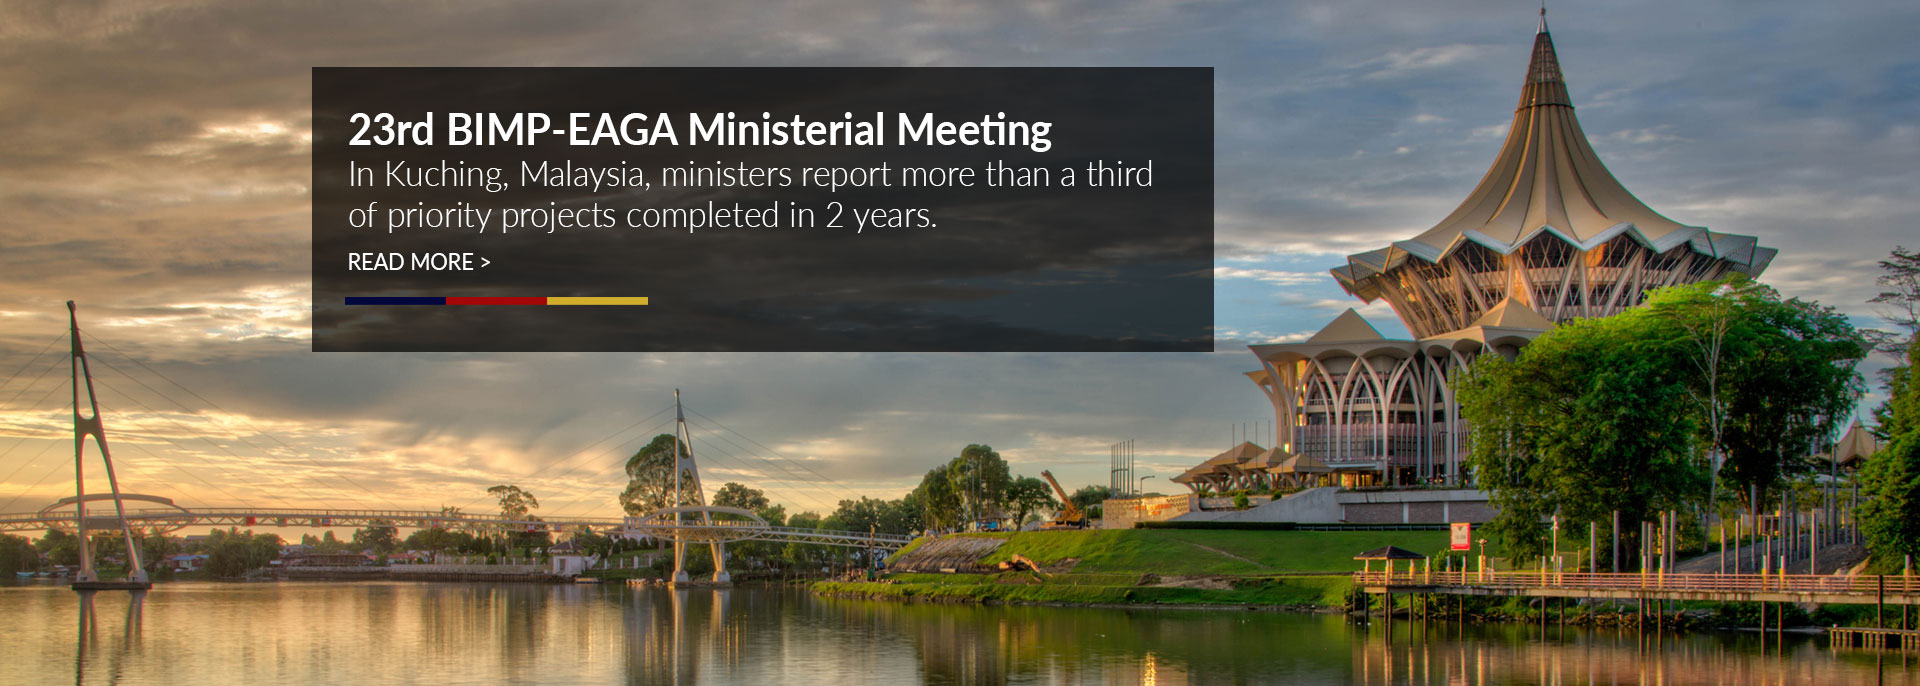 23rd BIMP-EAGA Ministerial Meeting